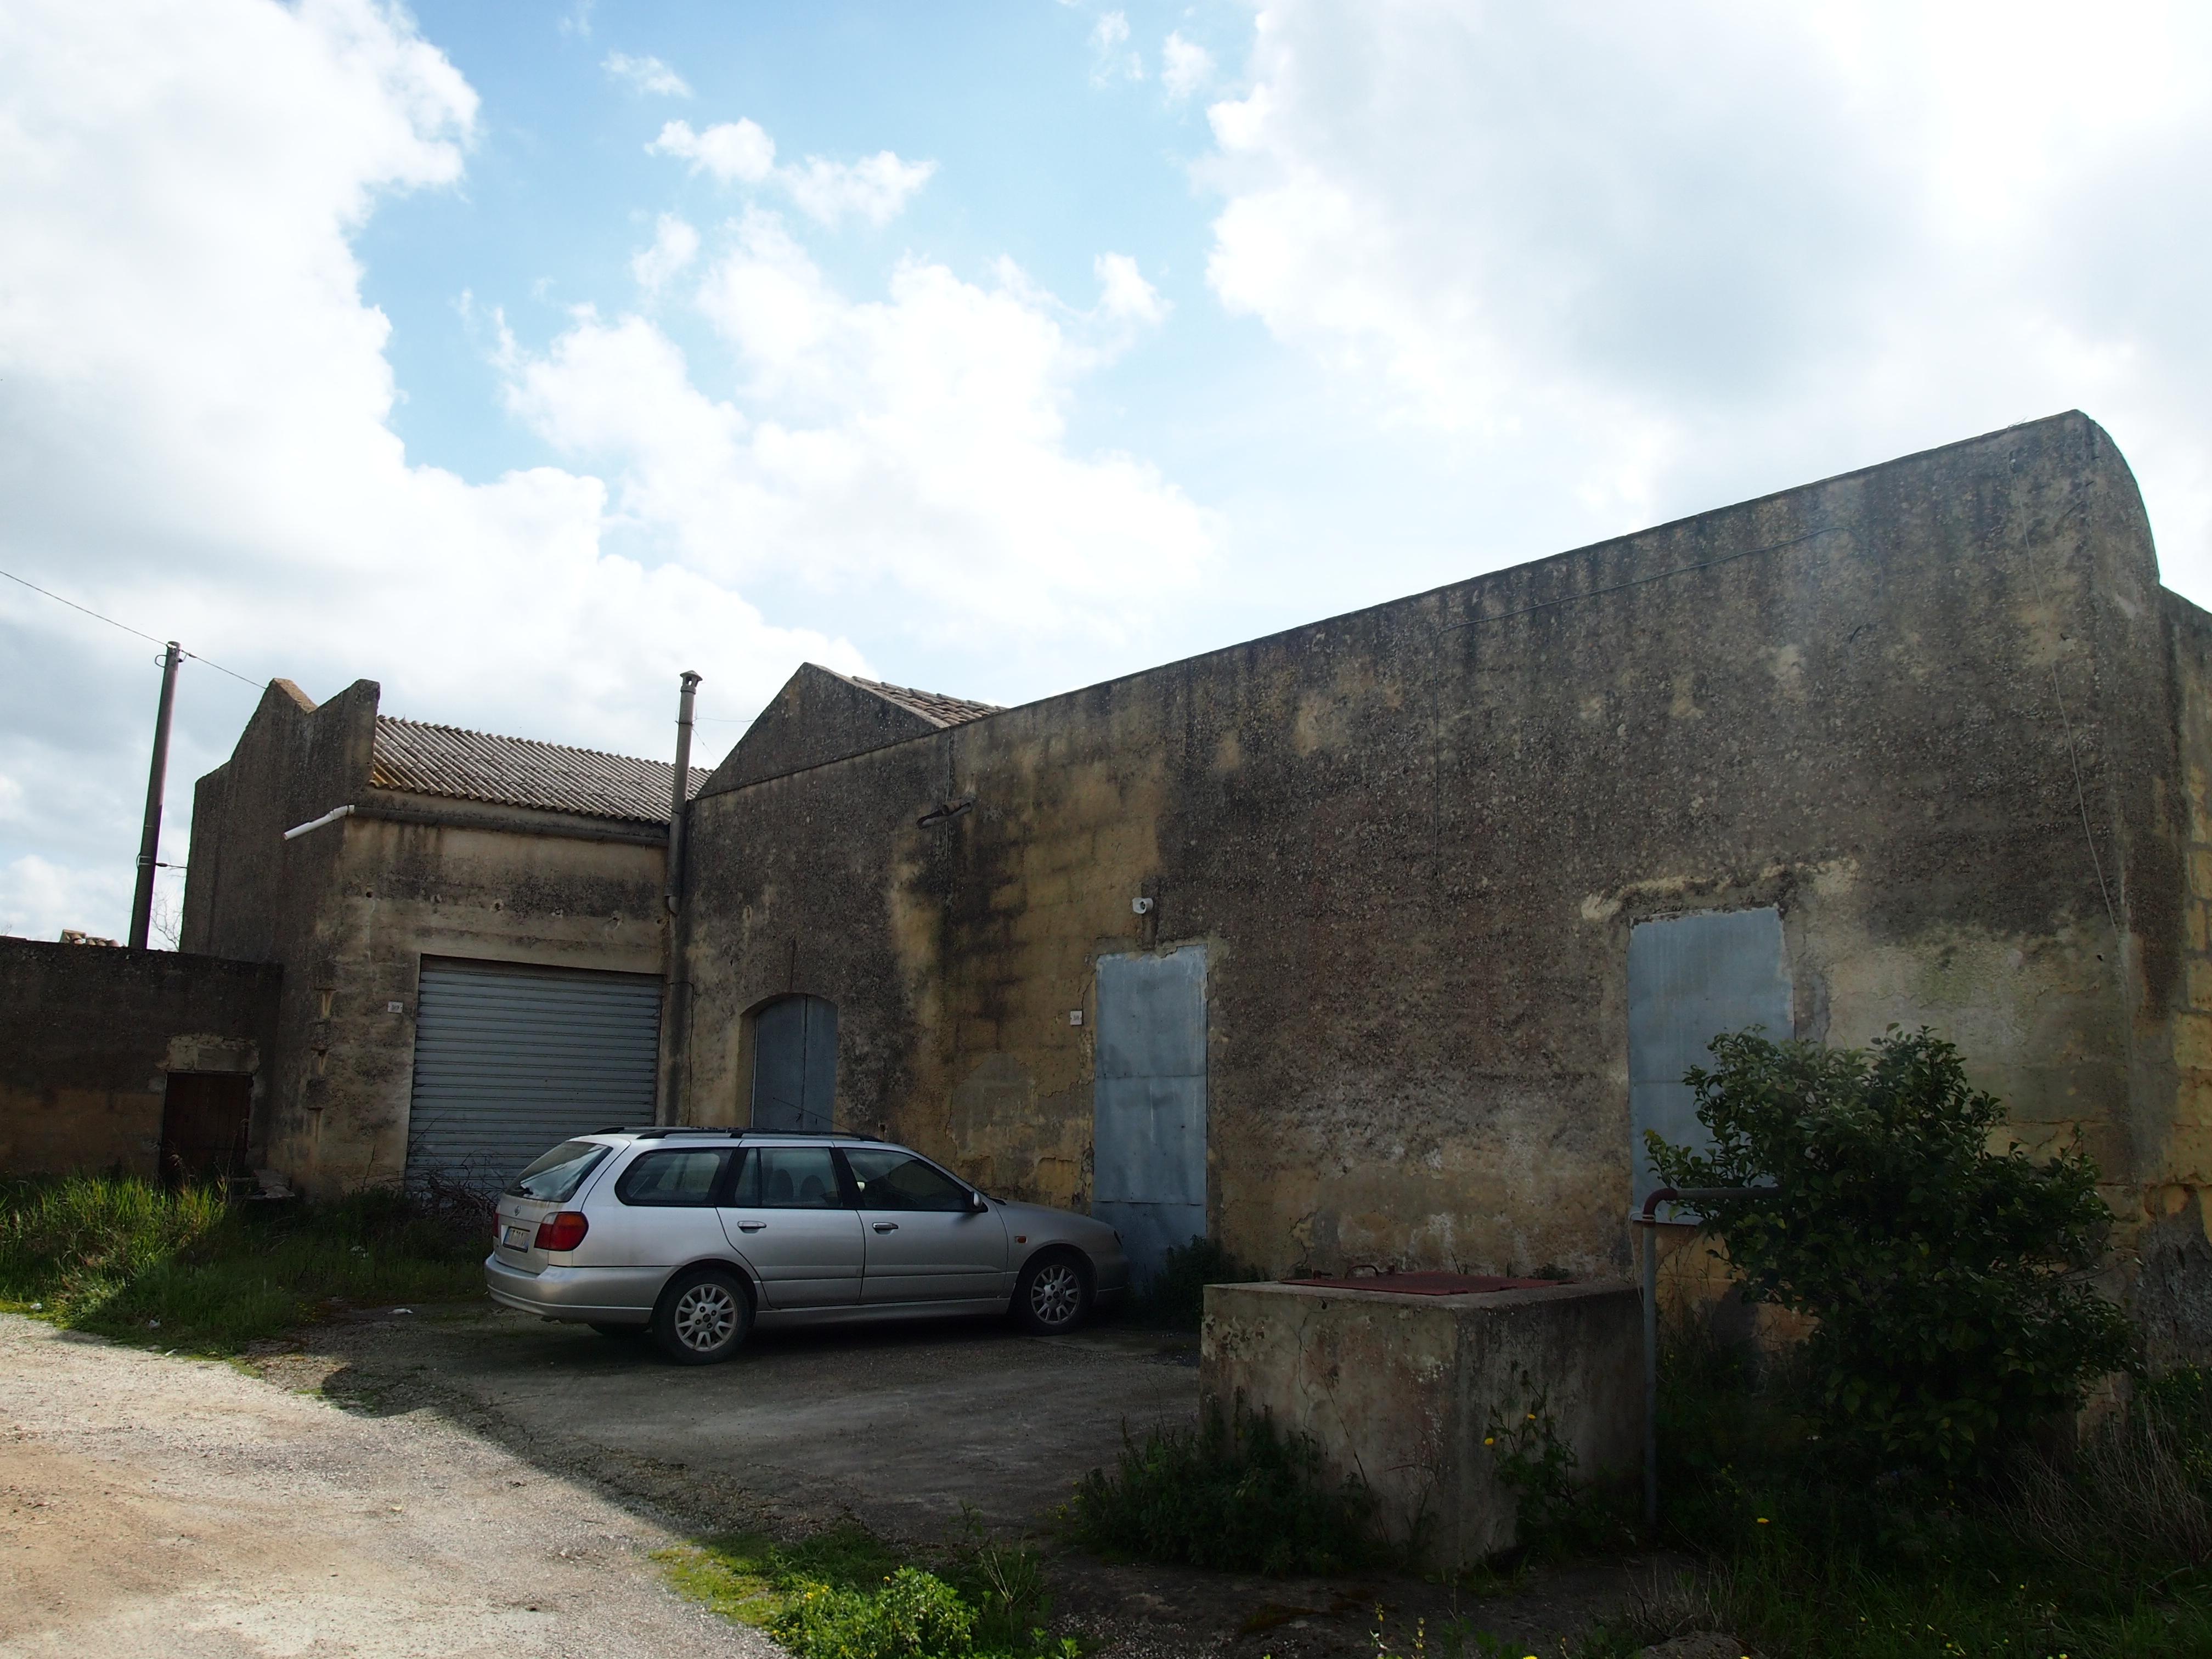 Laguna blu agenzia immobiliare marsala blog archive b15237 in vendita a marsala casa da - Acquisto casa da ristrutturare ...